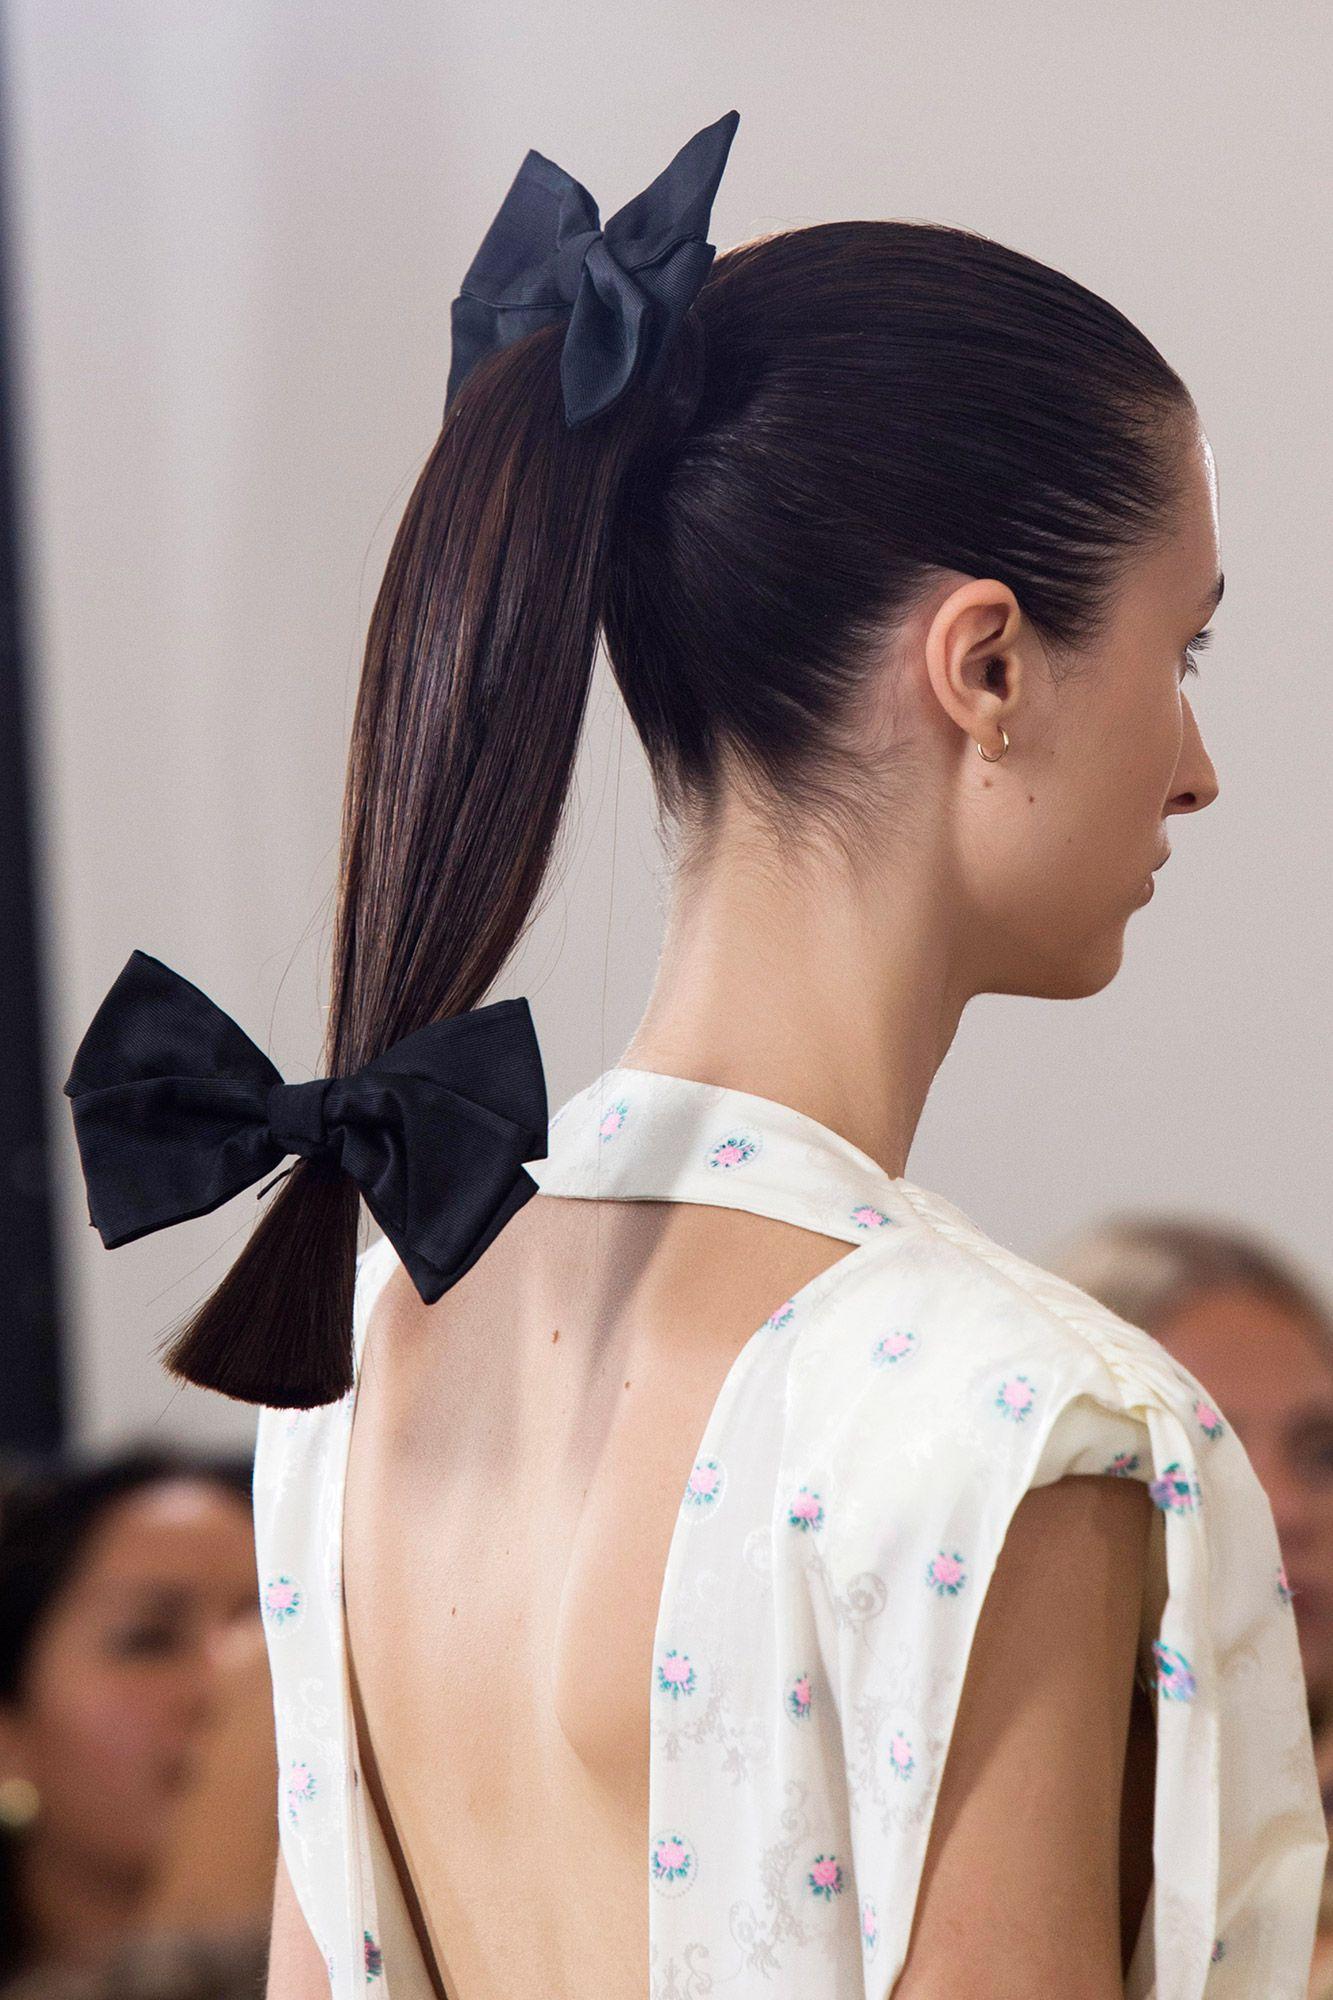 Exquisito peinados de boda 2021 invitadas Fotos de las tendencias de color de pelo - Las invitadas de 2019 van a llevar estos peinados ...